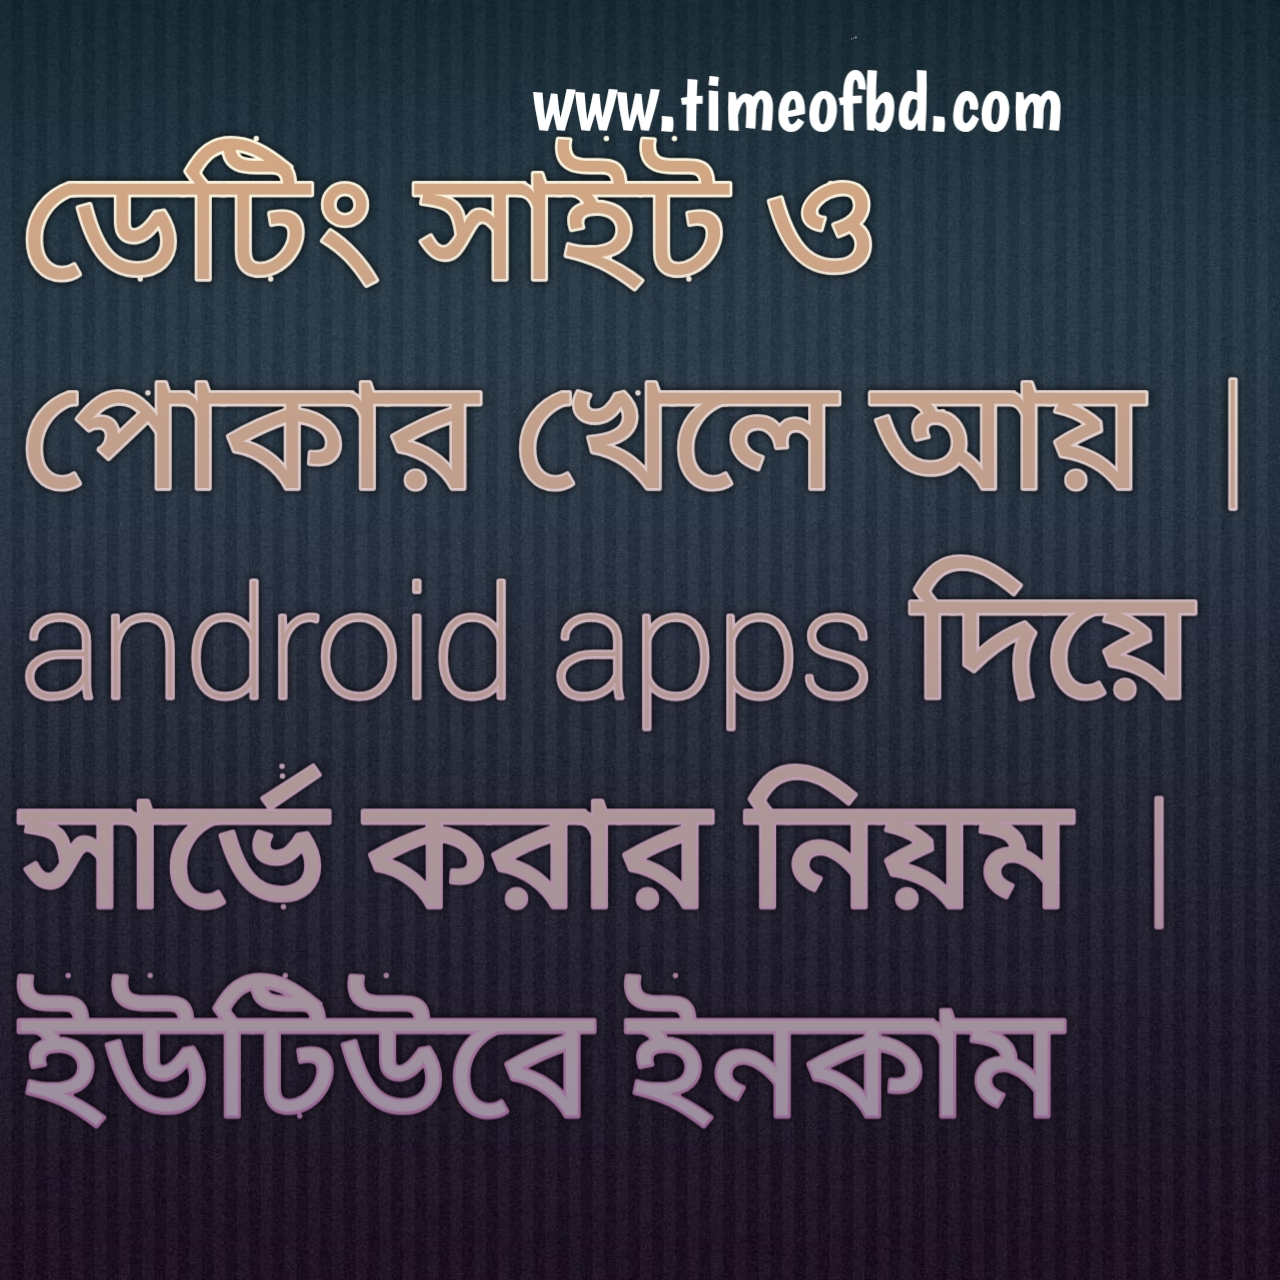 সার্ভে করার নিয়ম, android apps দিয়ে টাকা আয়, লিখে আয় করুন, ডেটিং সাইট থেকে আয়, পোকার খেলে আয়, ইন্টারনেটে আয় , ইউটিউবে ইনকাম, বাড়তি আয়ের উপায়